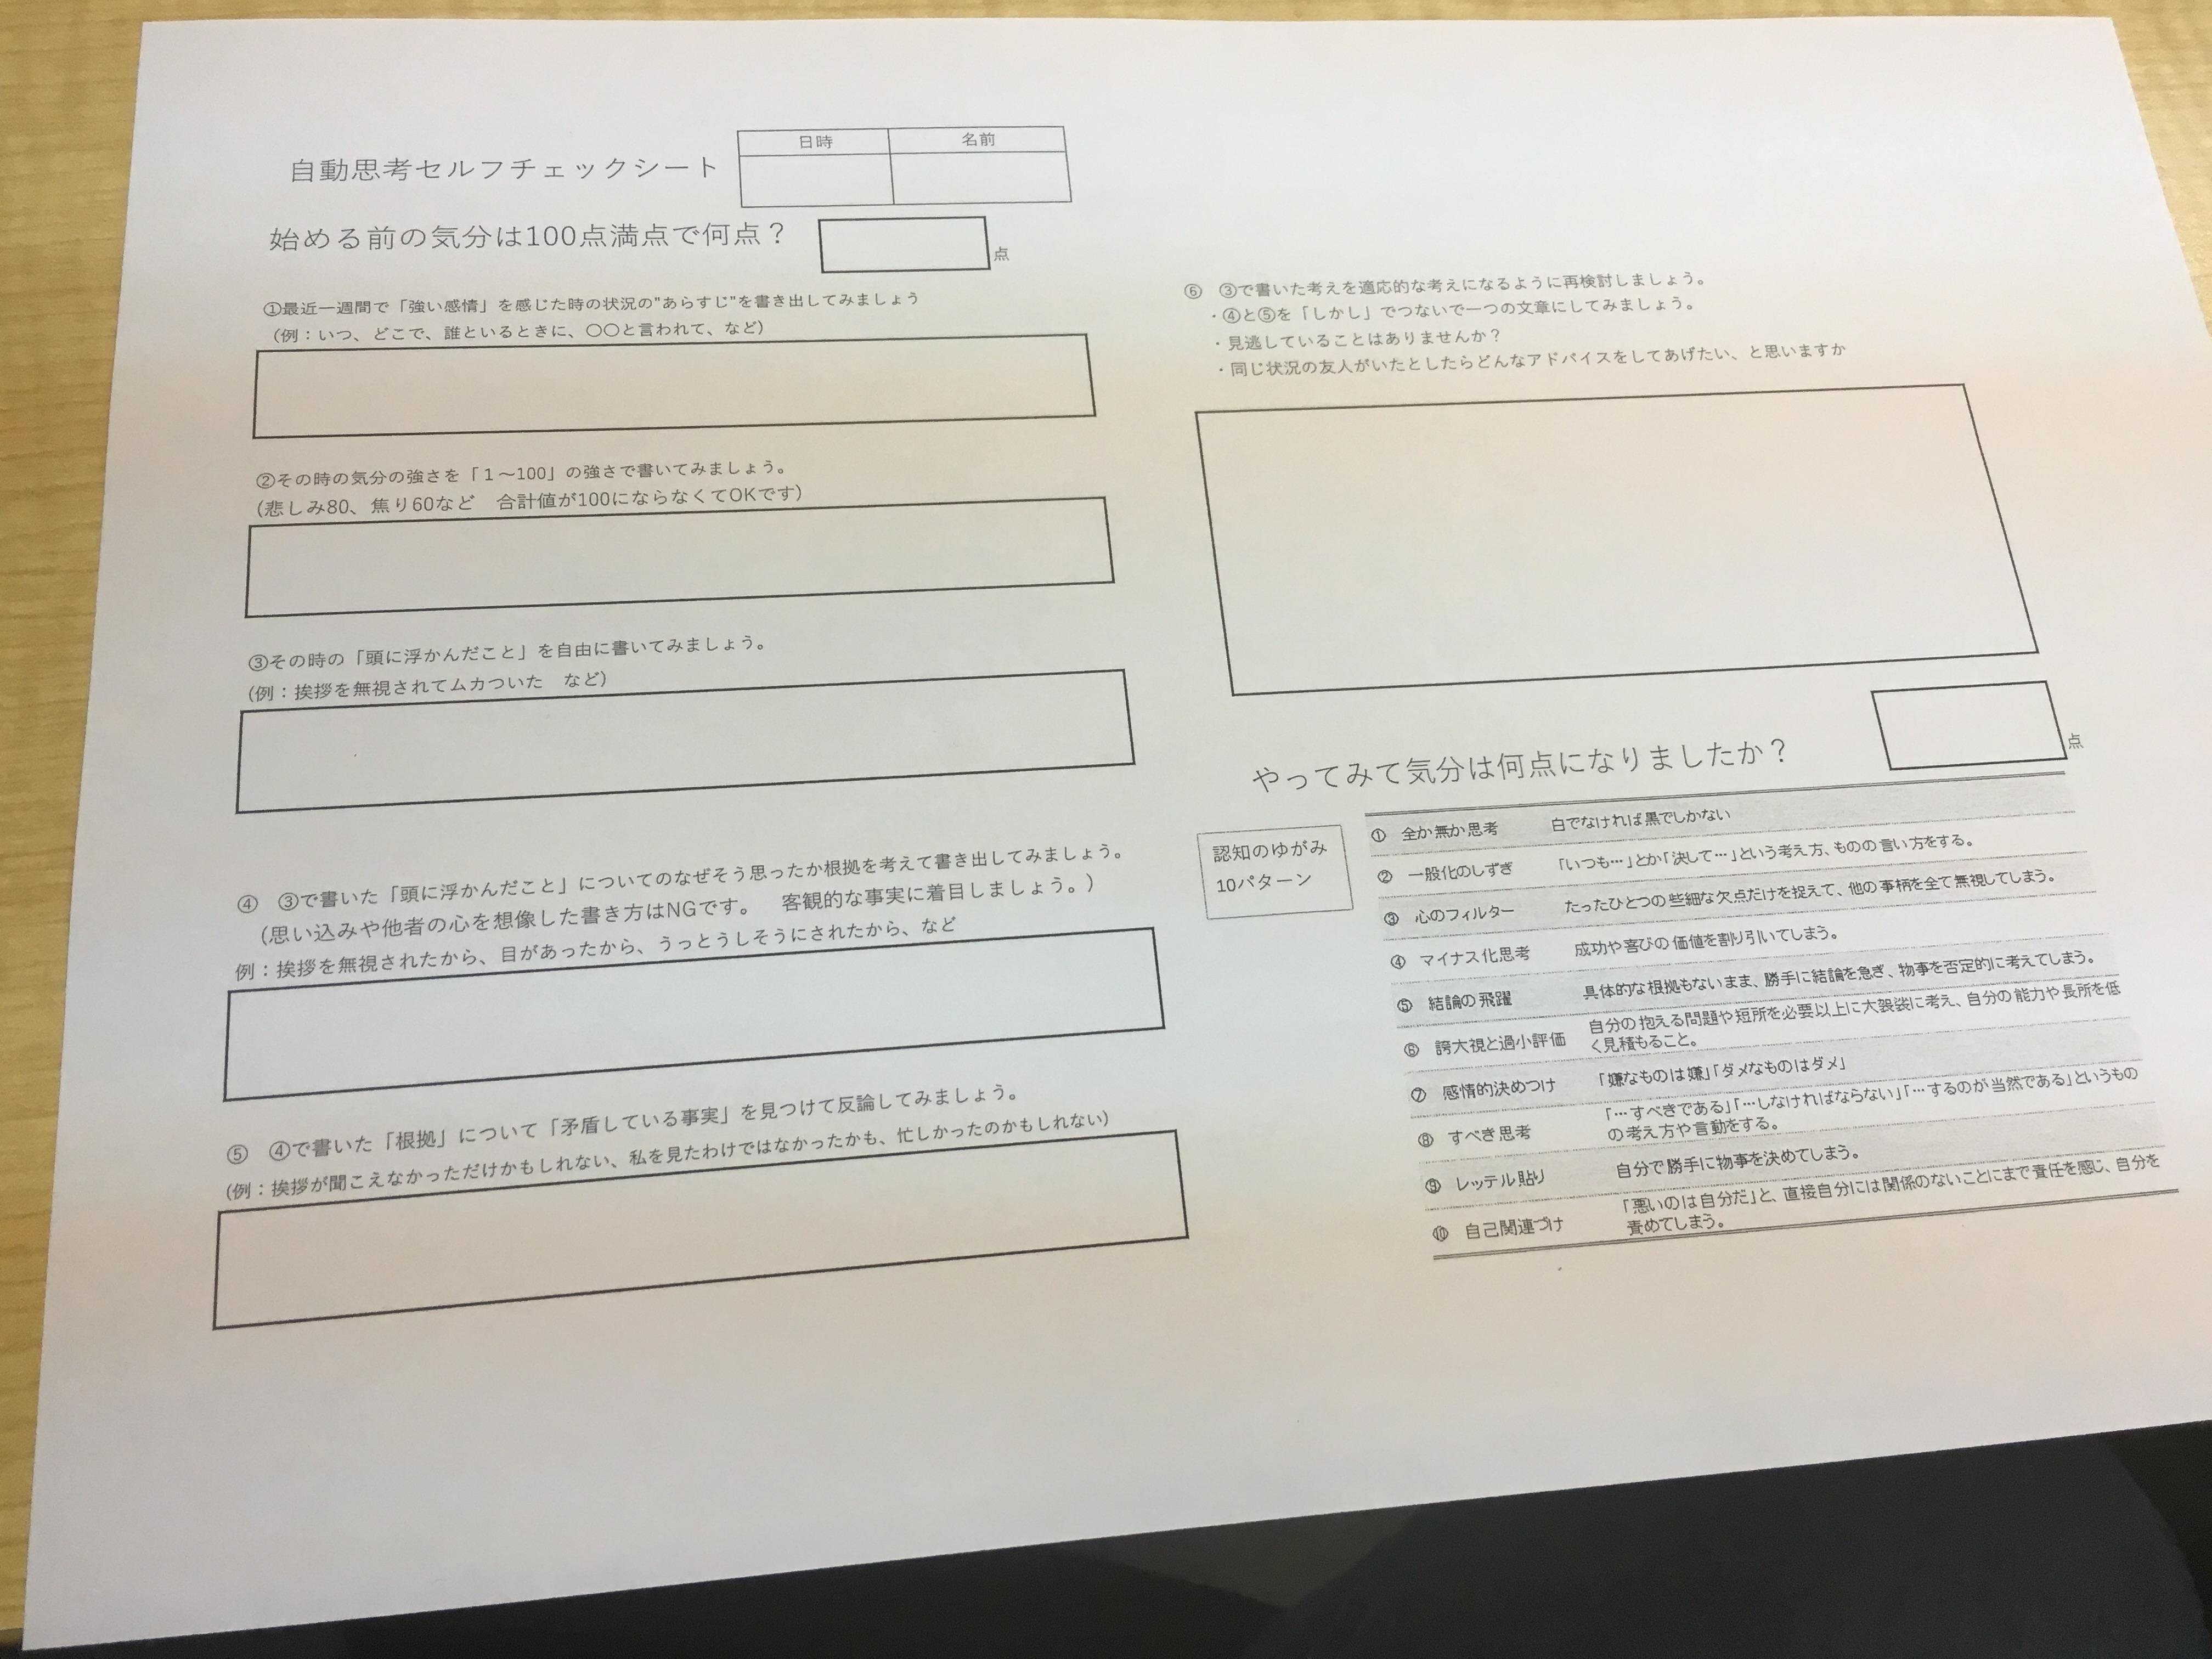 【渋谷】心理学講座の様子4